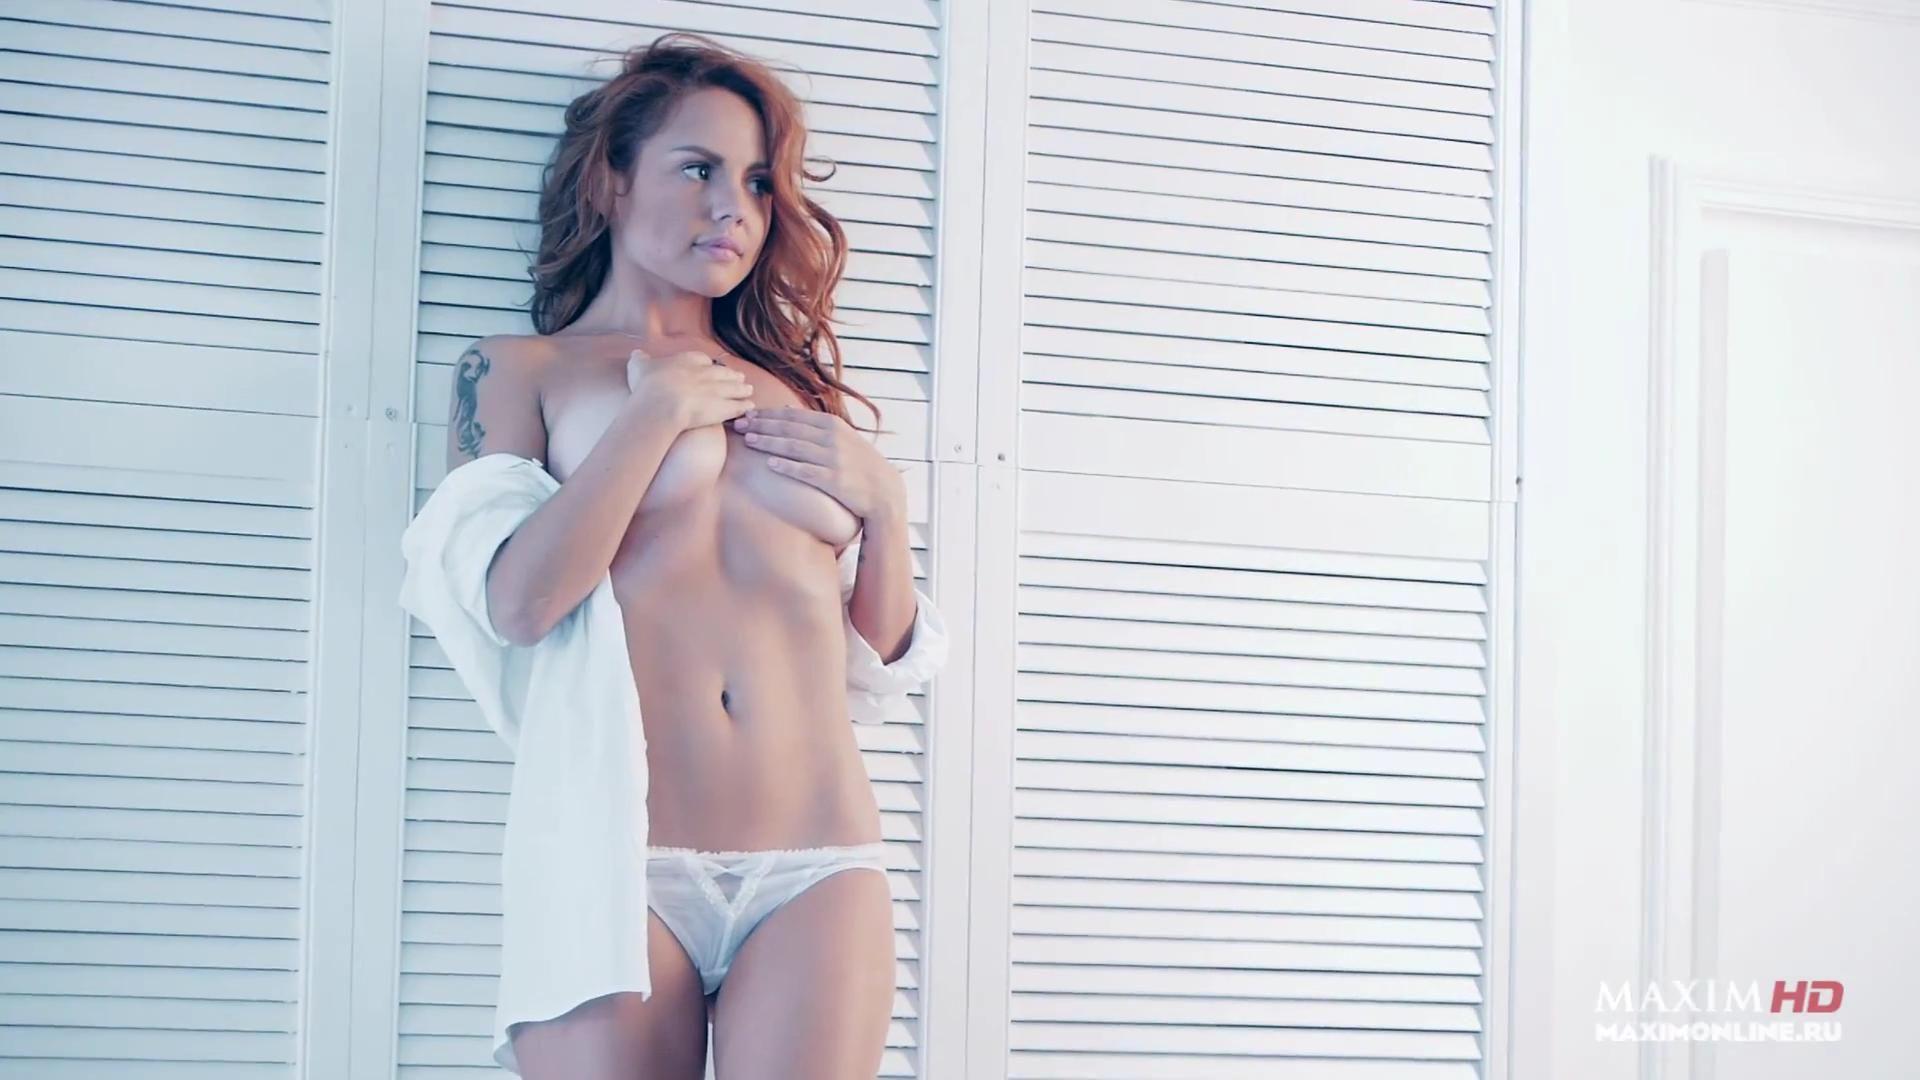 только лайн фото голая грудь певица максим порно